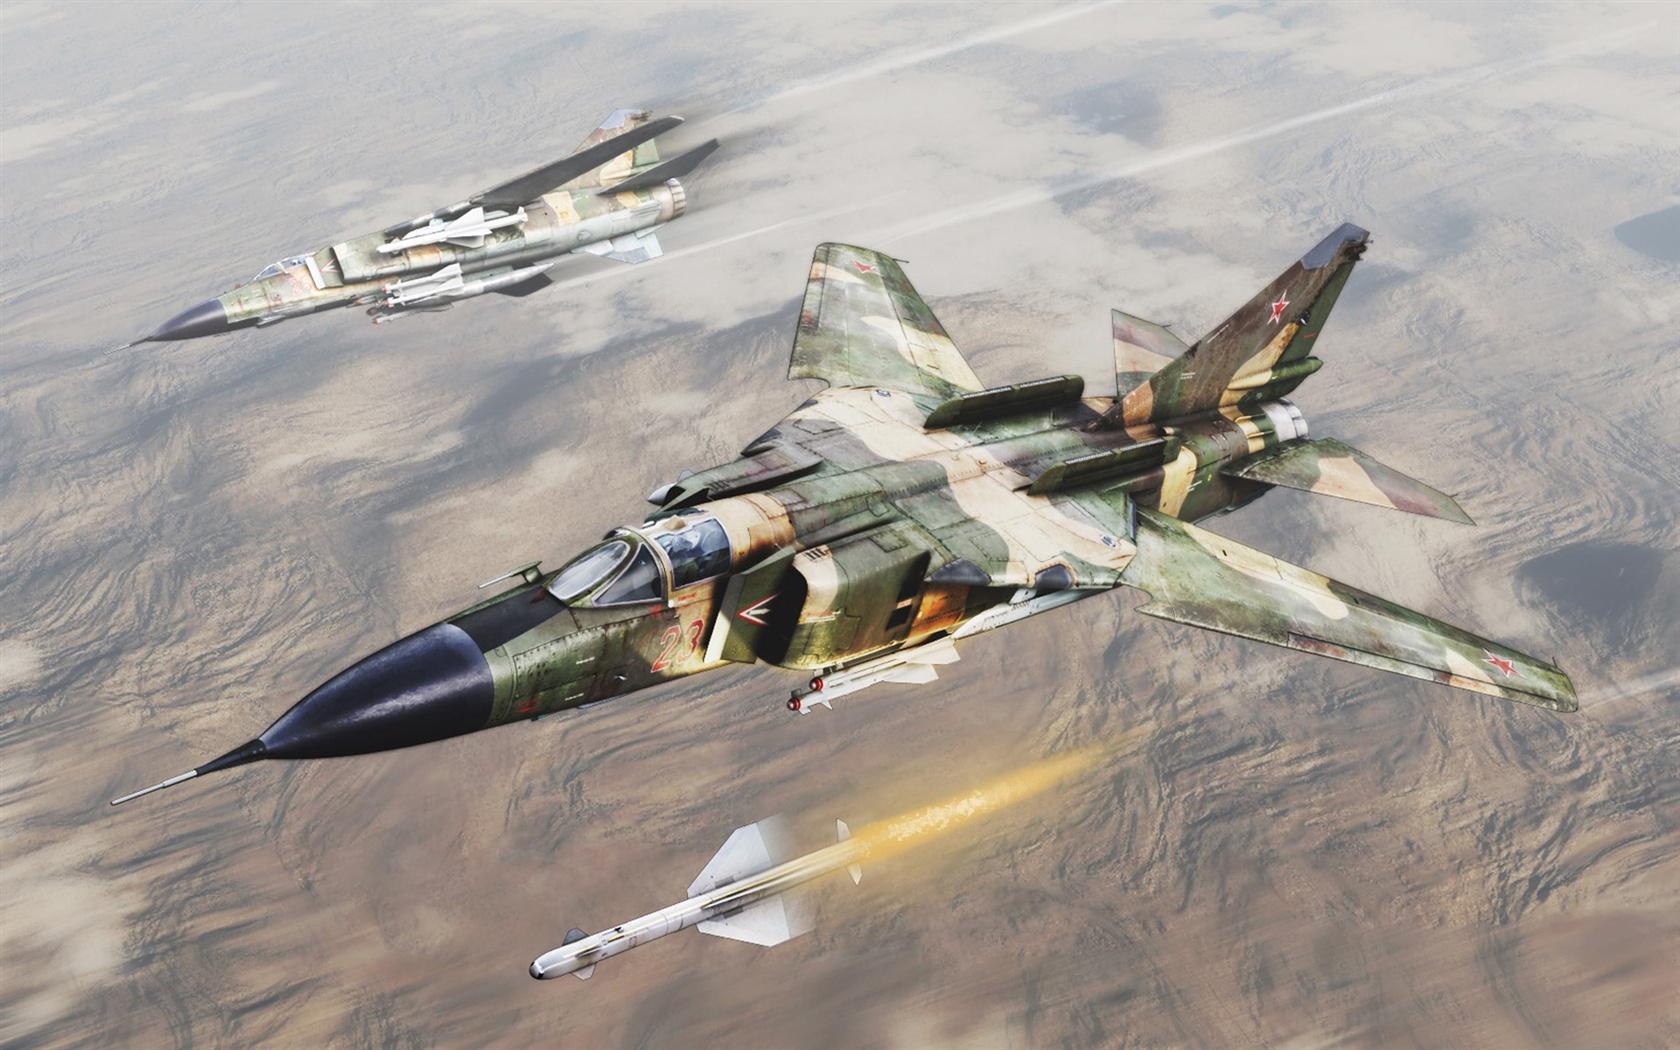 航空機がミサイルを発射した 壁紙 - 1680x1050    1680x1050 壁紙ダウンロ